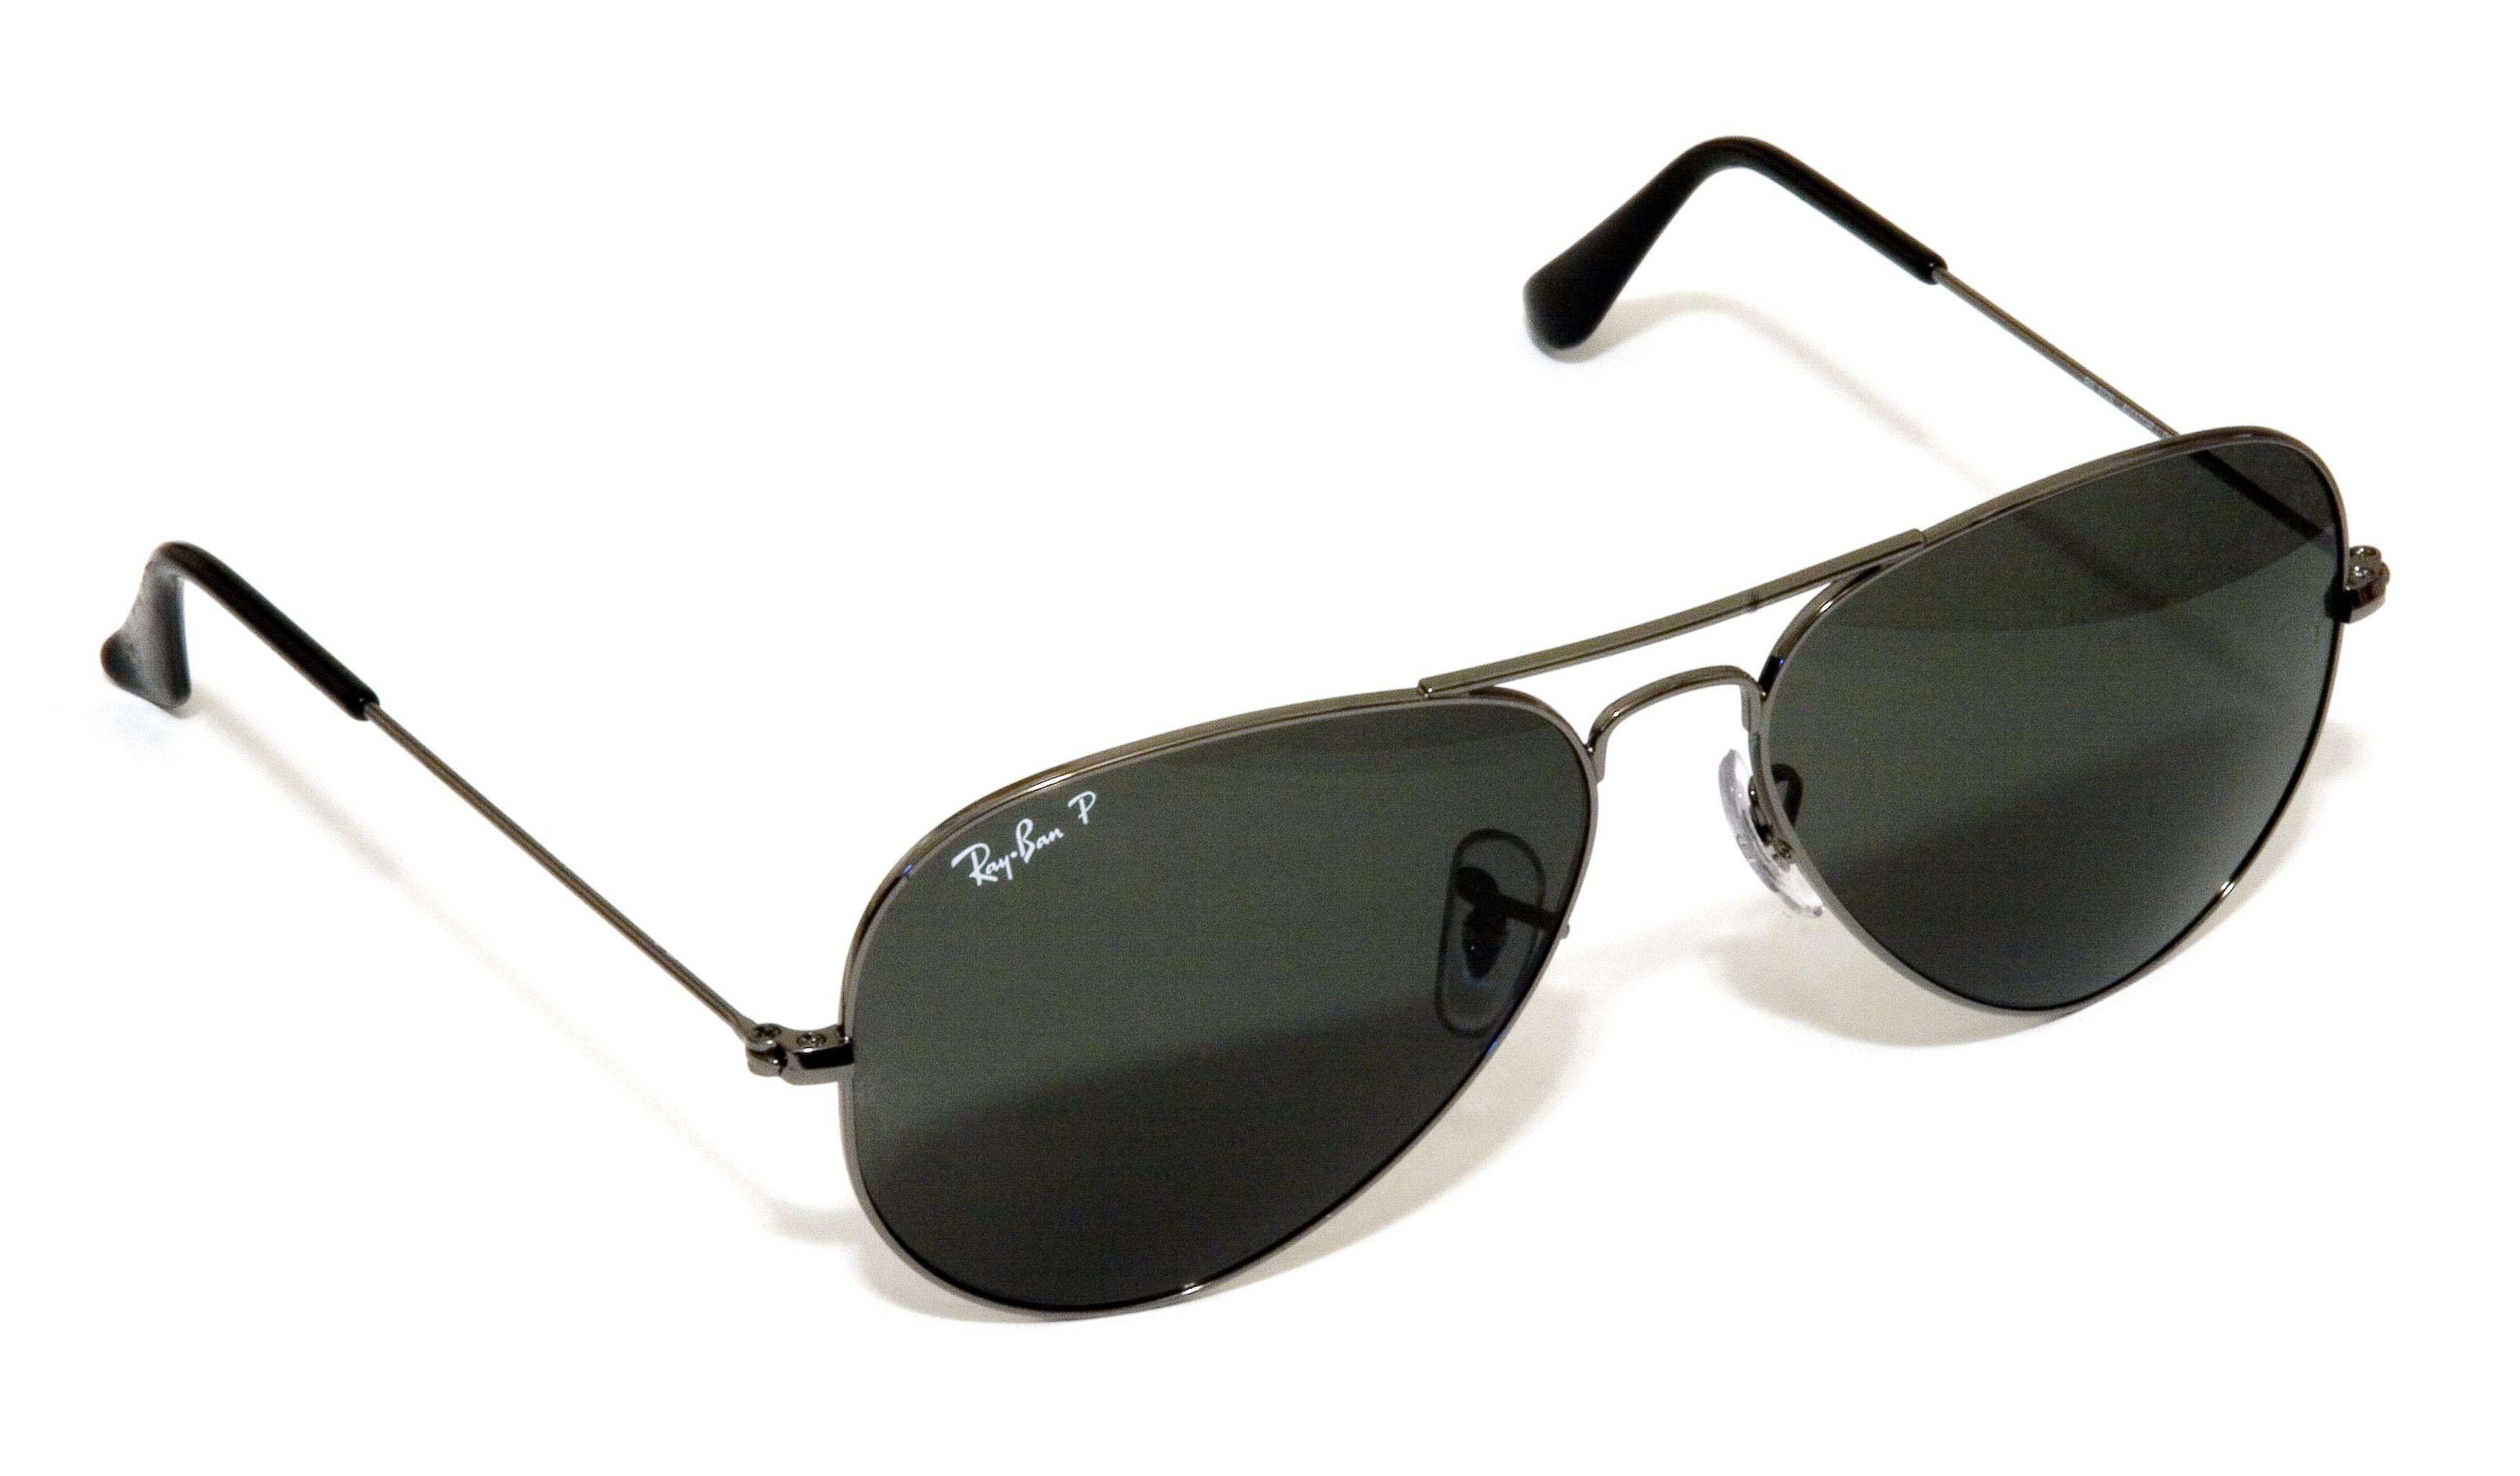 jadedpan2577 - Trendy Ray ban sunglasses Sun shades